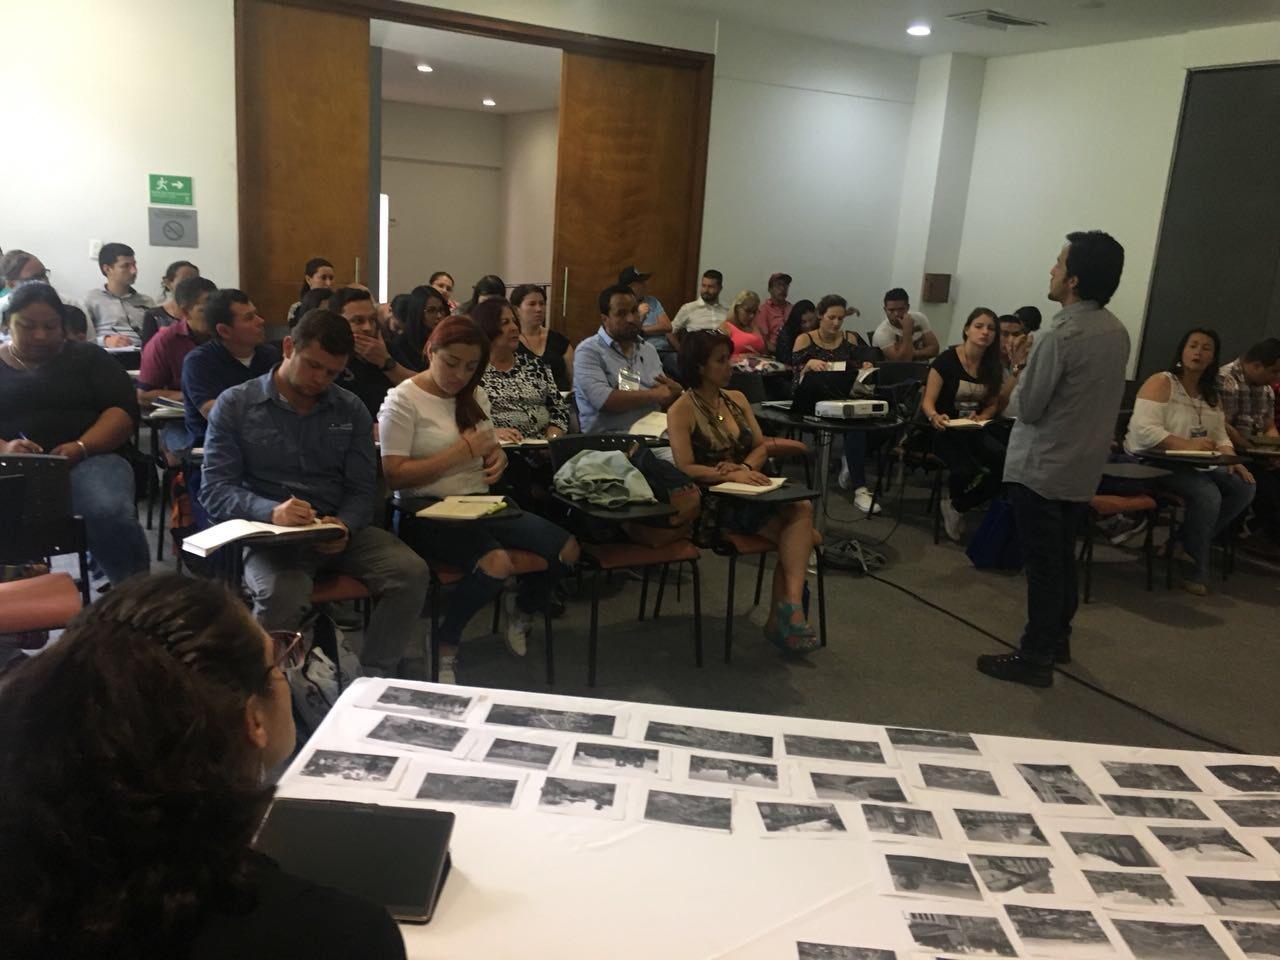 Alianza EPM-PNUD, ISA Intercolombia y la Universidad de Antioquia aporta a la formación de líderes